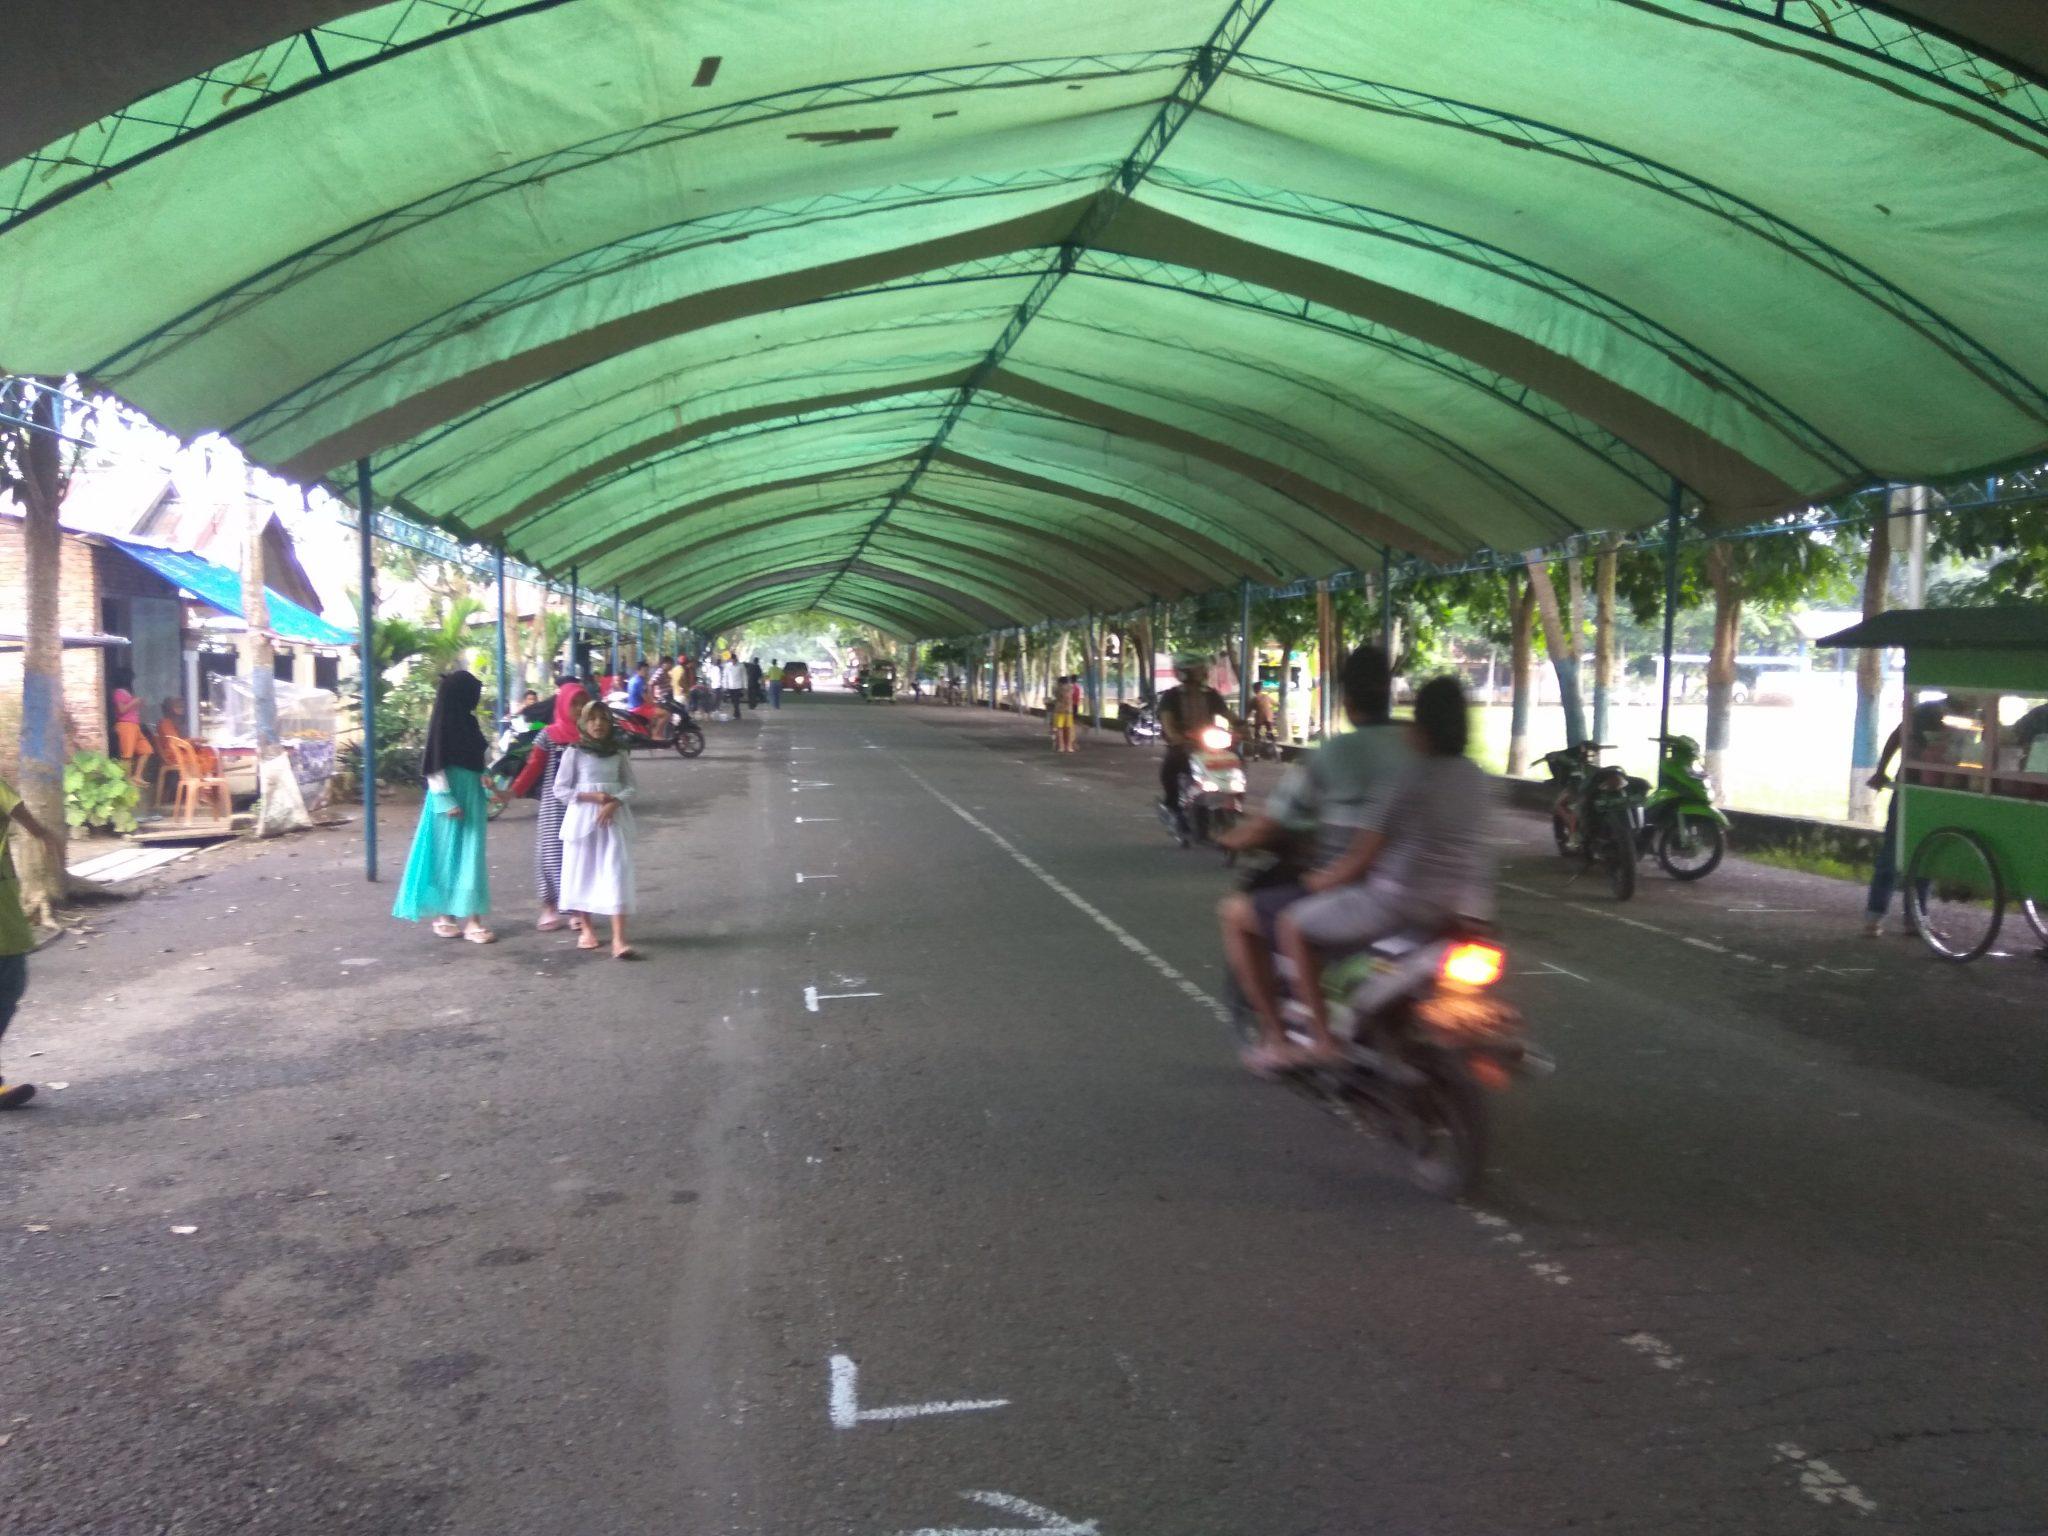 Pedagang Mulai Daftar di Pasar Senggol Poyowa Kecil Berita Daerah Berita Kotamobagu